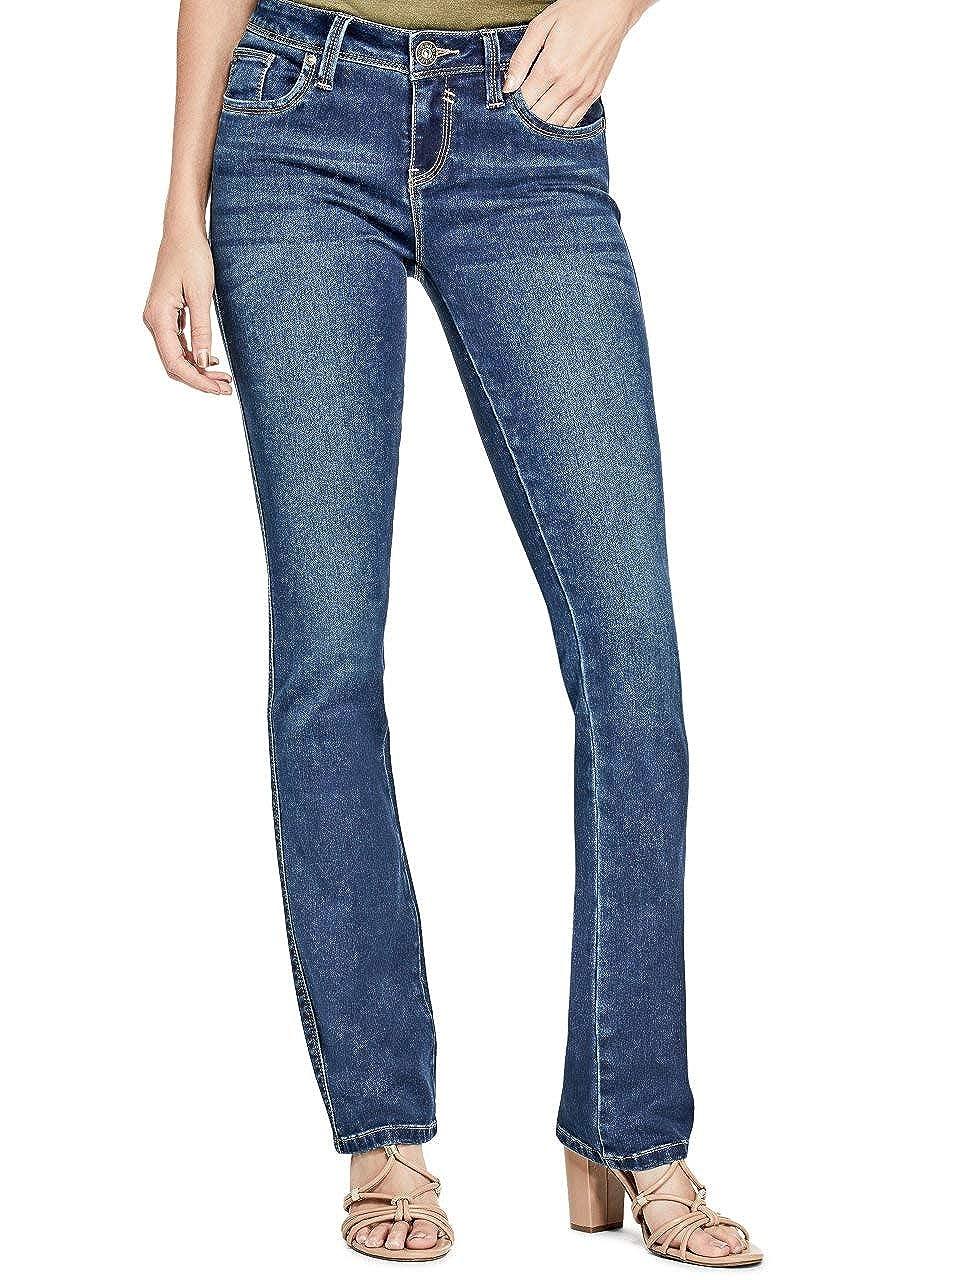 Amazon.com: GUESS Factory - Pantalones vaqueros para mujer ...